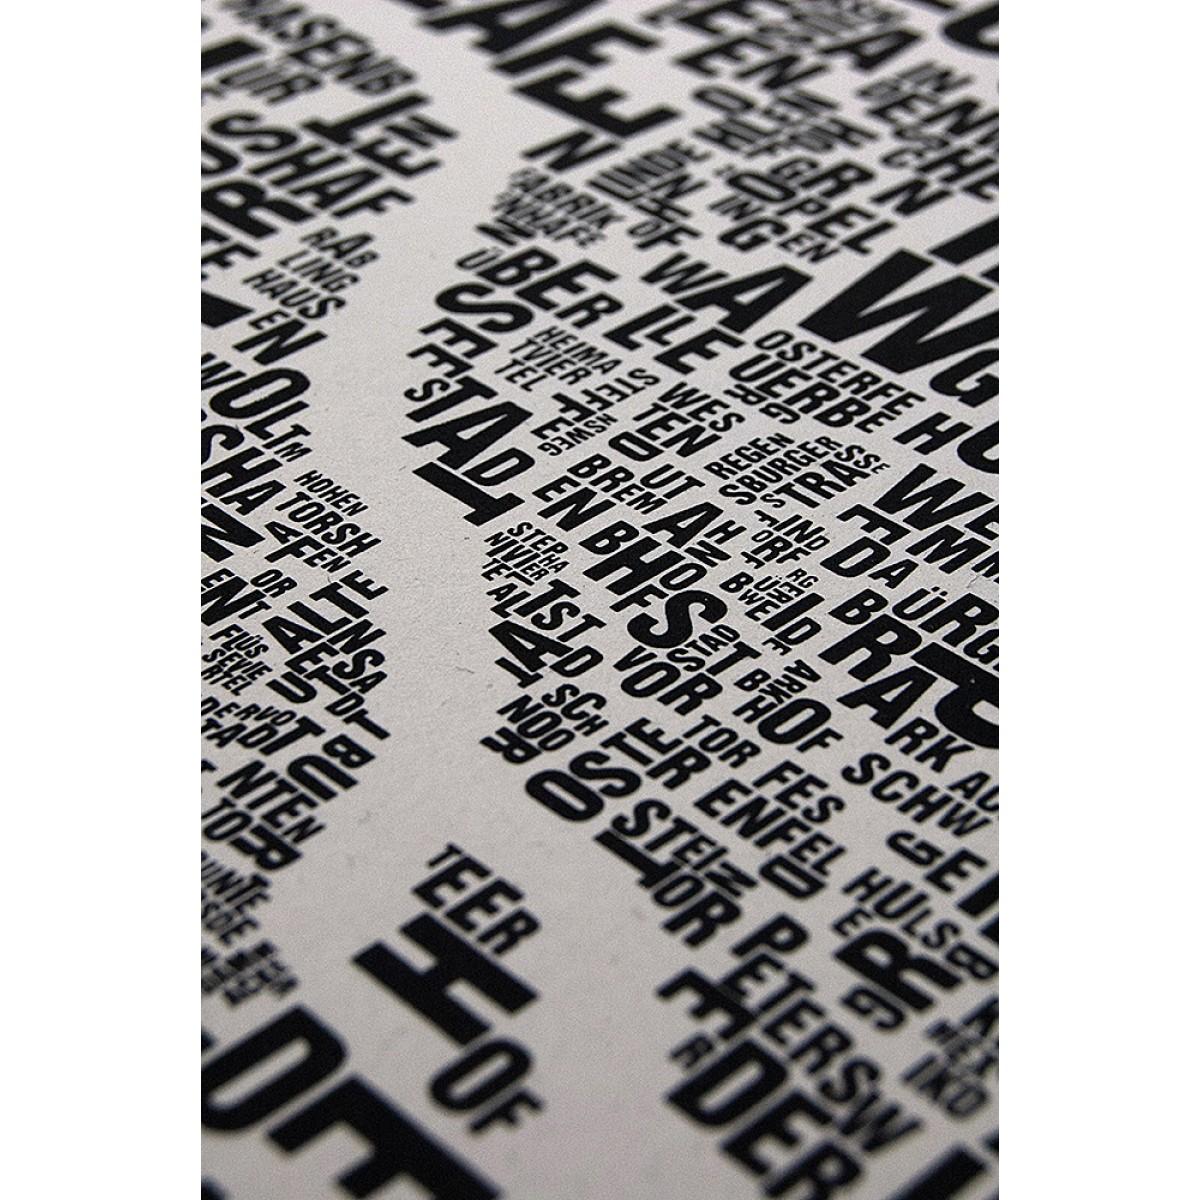 Buchstabenort Bremen Stadtteile-Poster Typografie